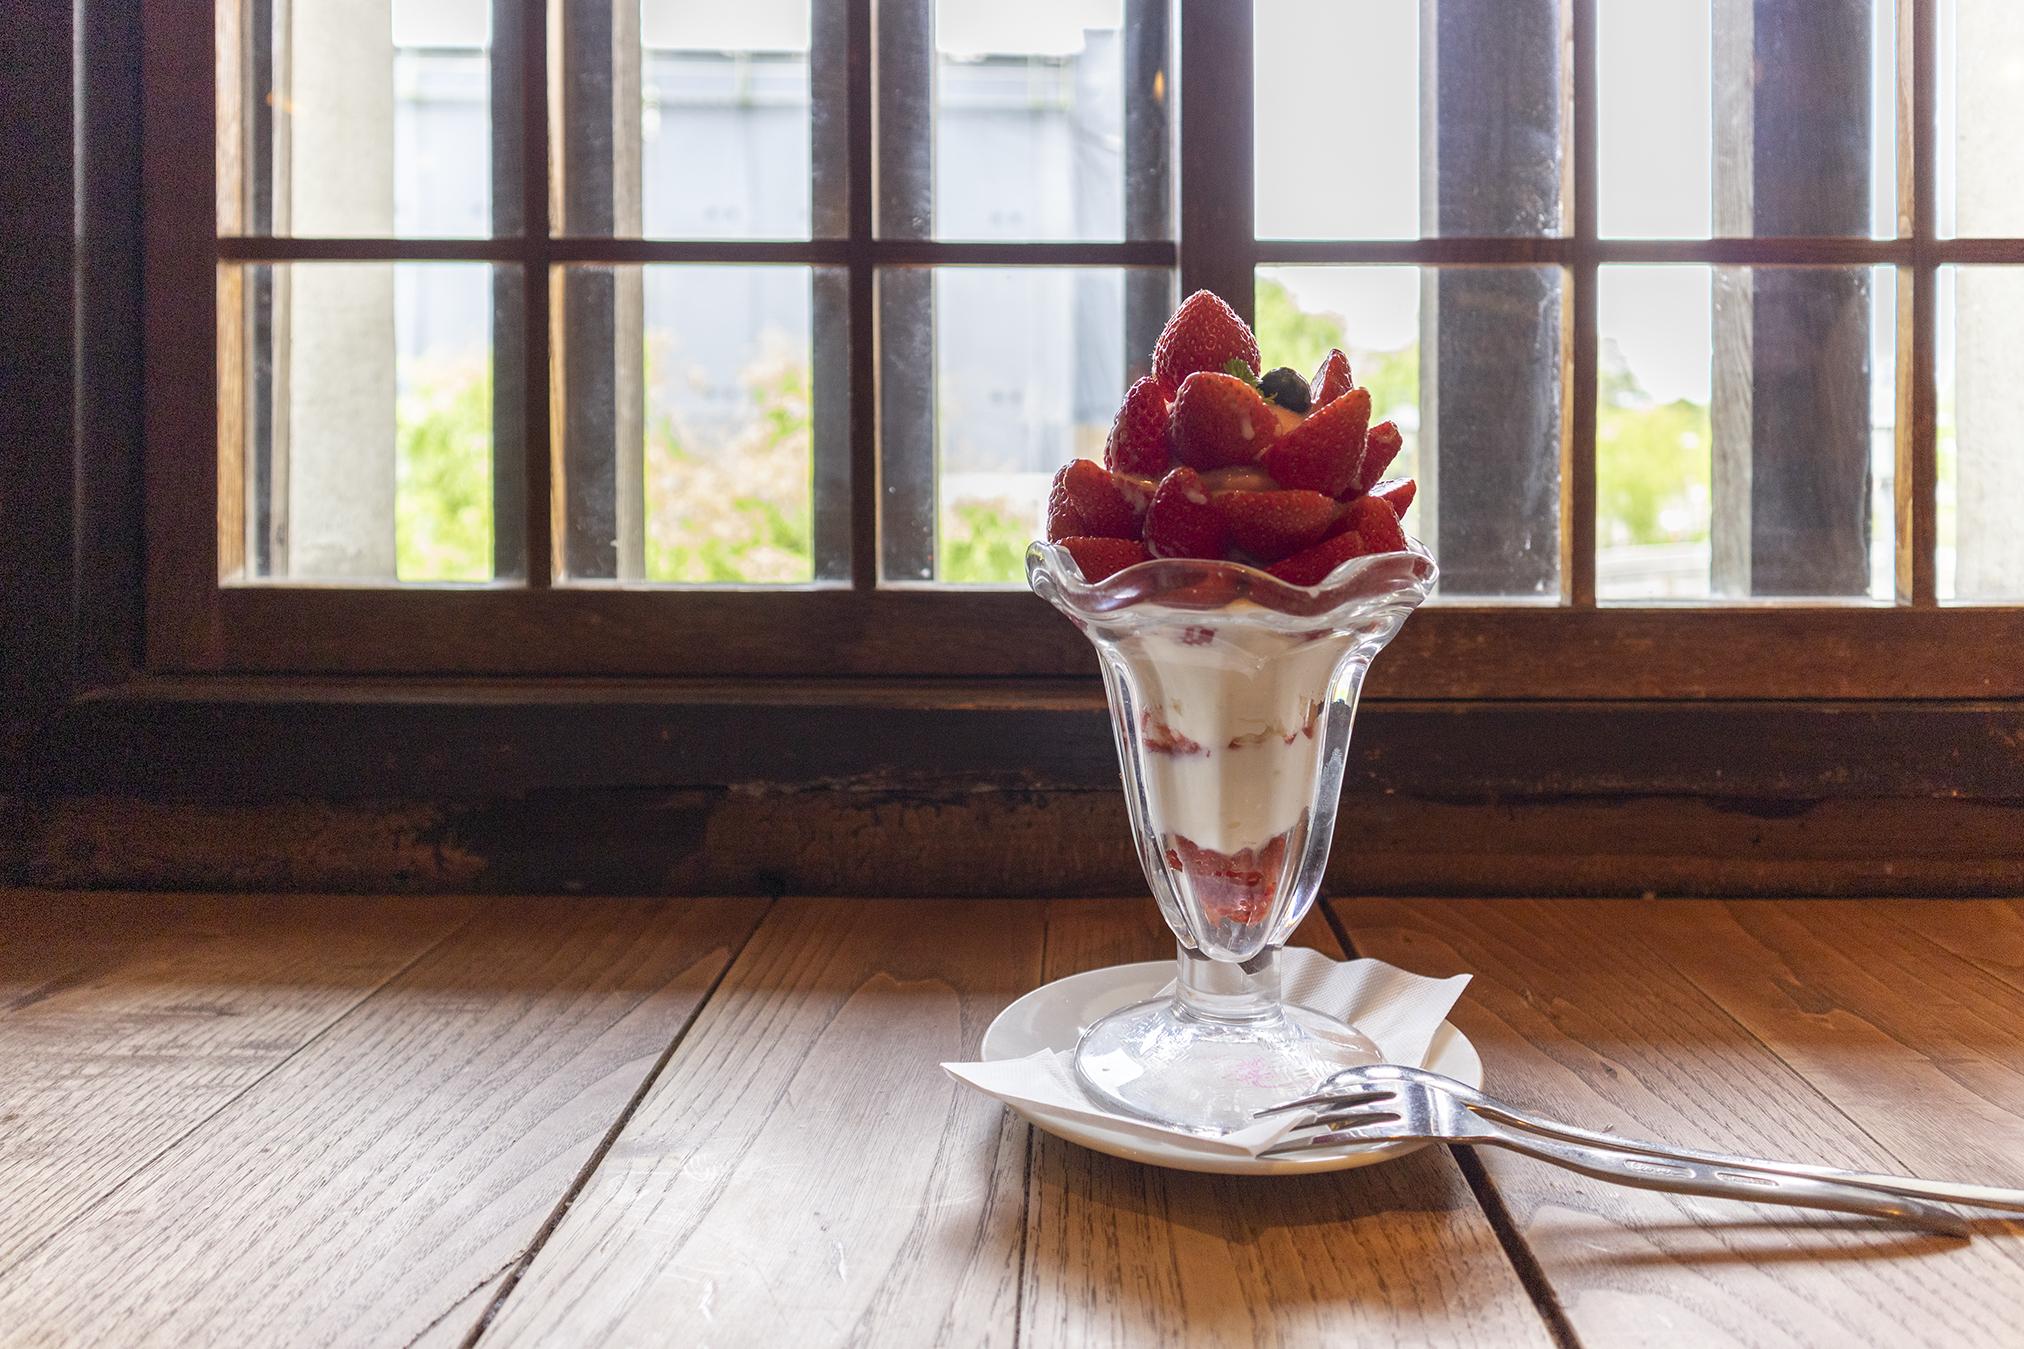 「くらしき桃子」総本店でSNS映え「いちごパフェ」を食べてきた。